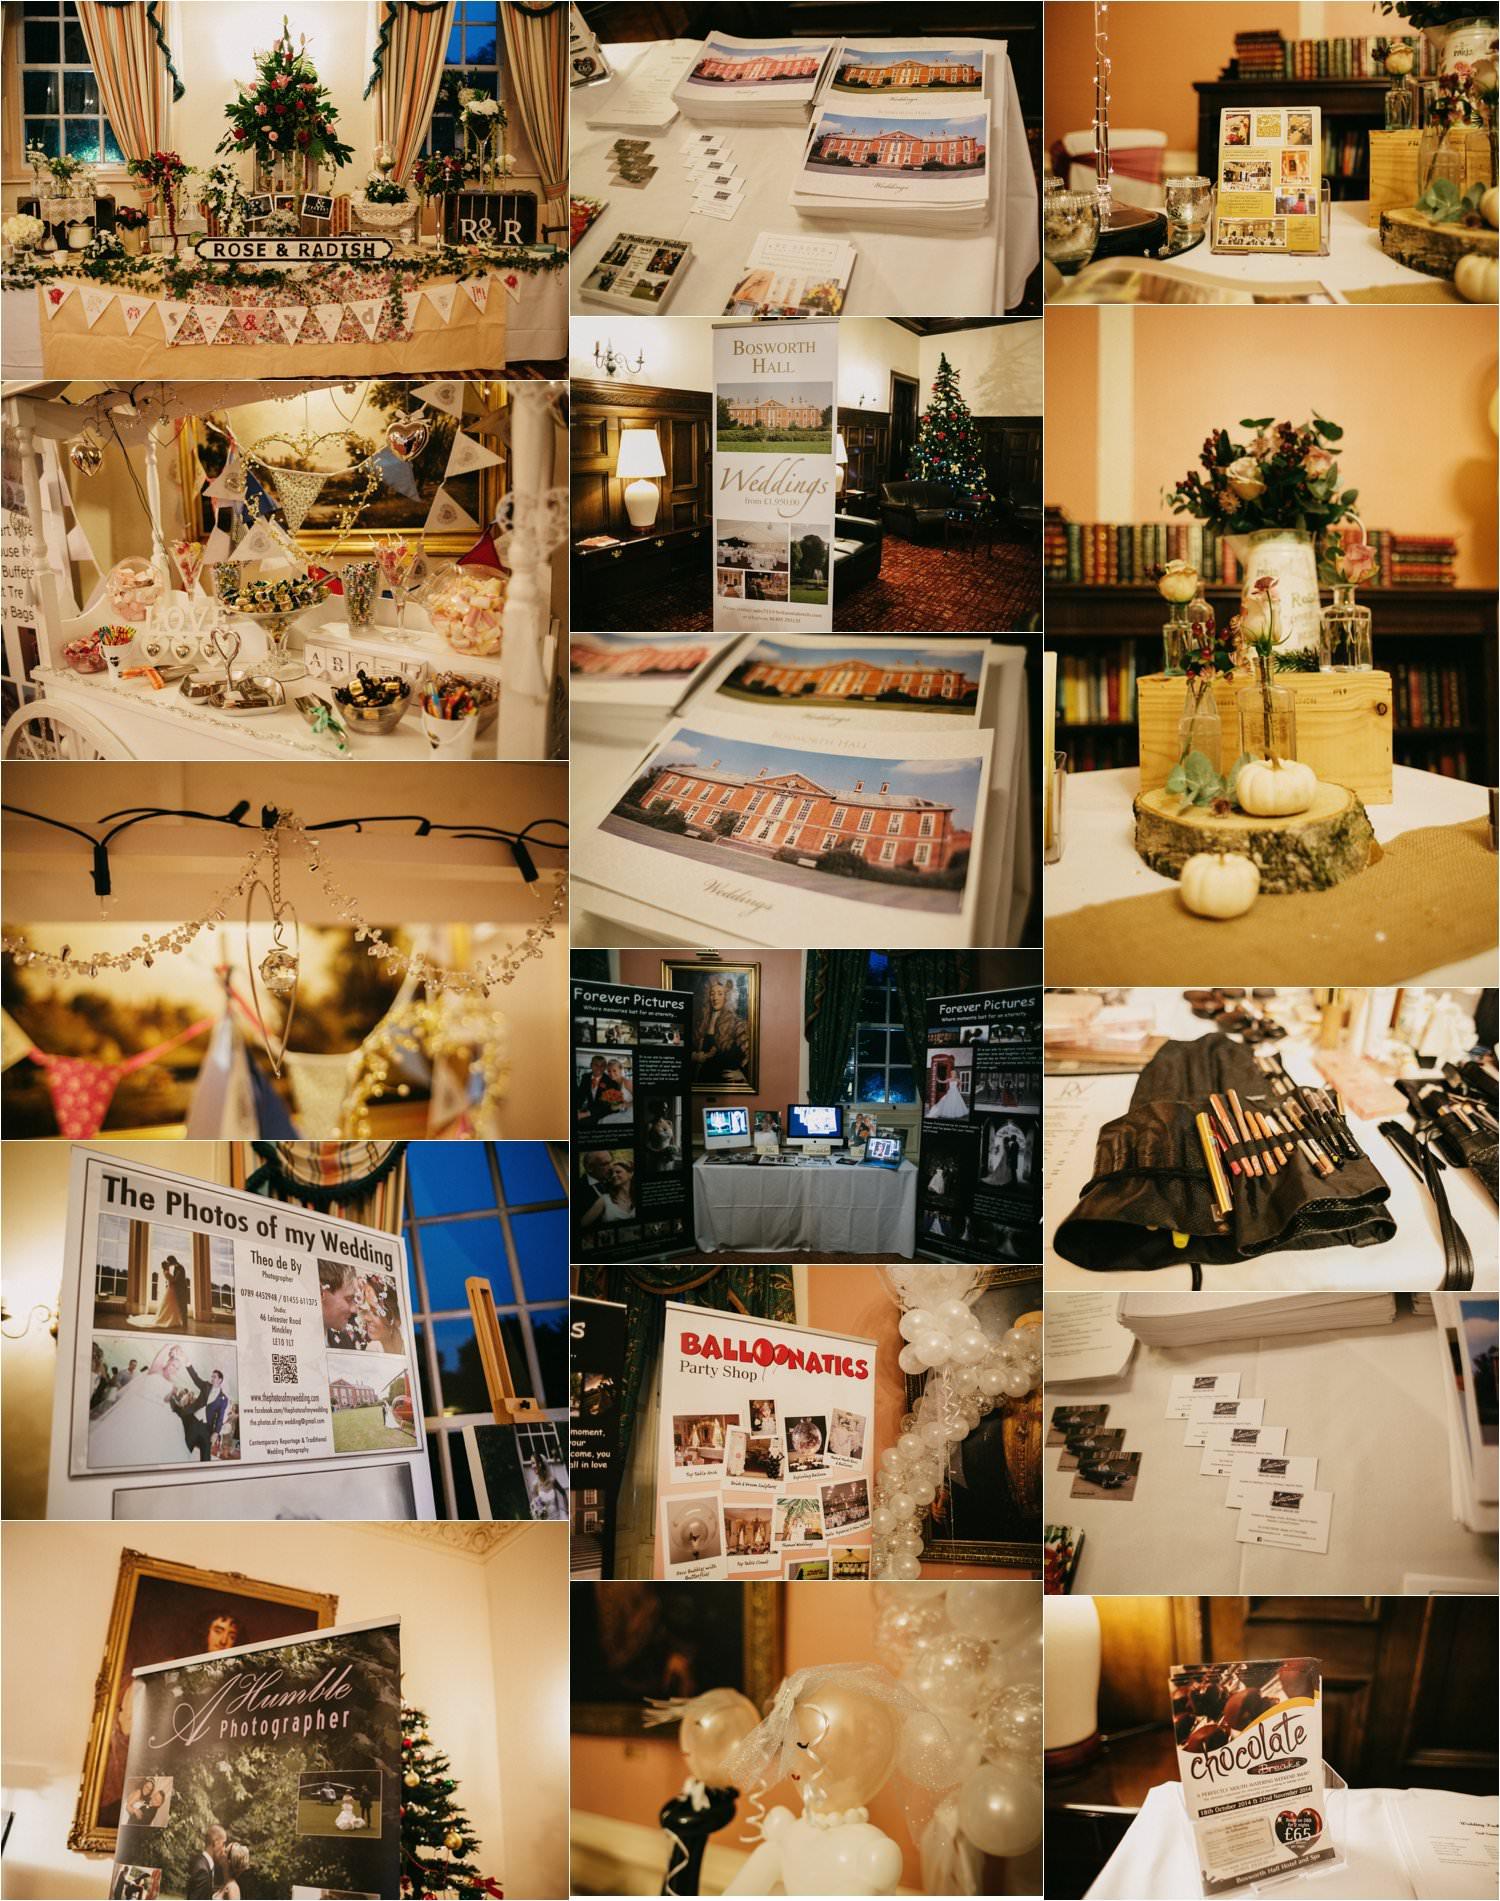 Bosworth-hall-wedding-fayre-52-colour_WEB.jpg